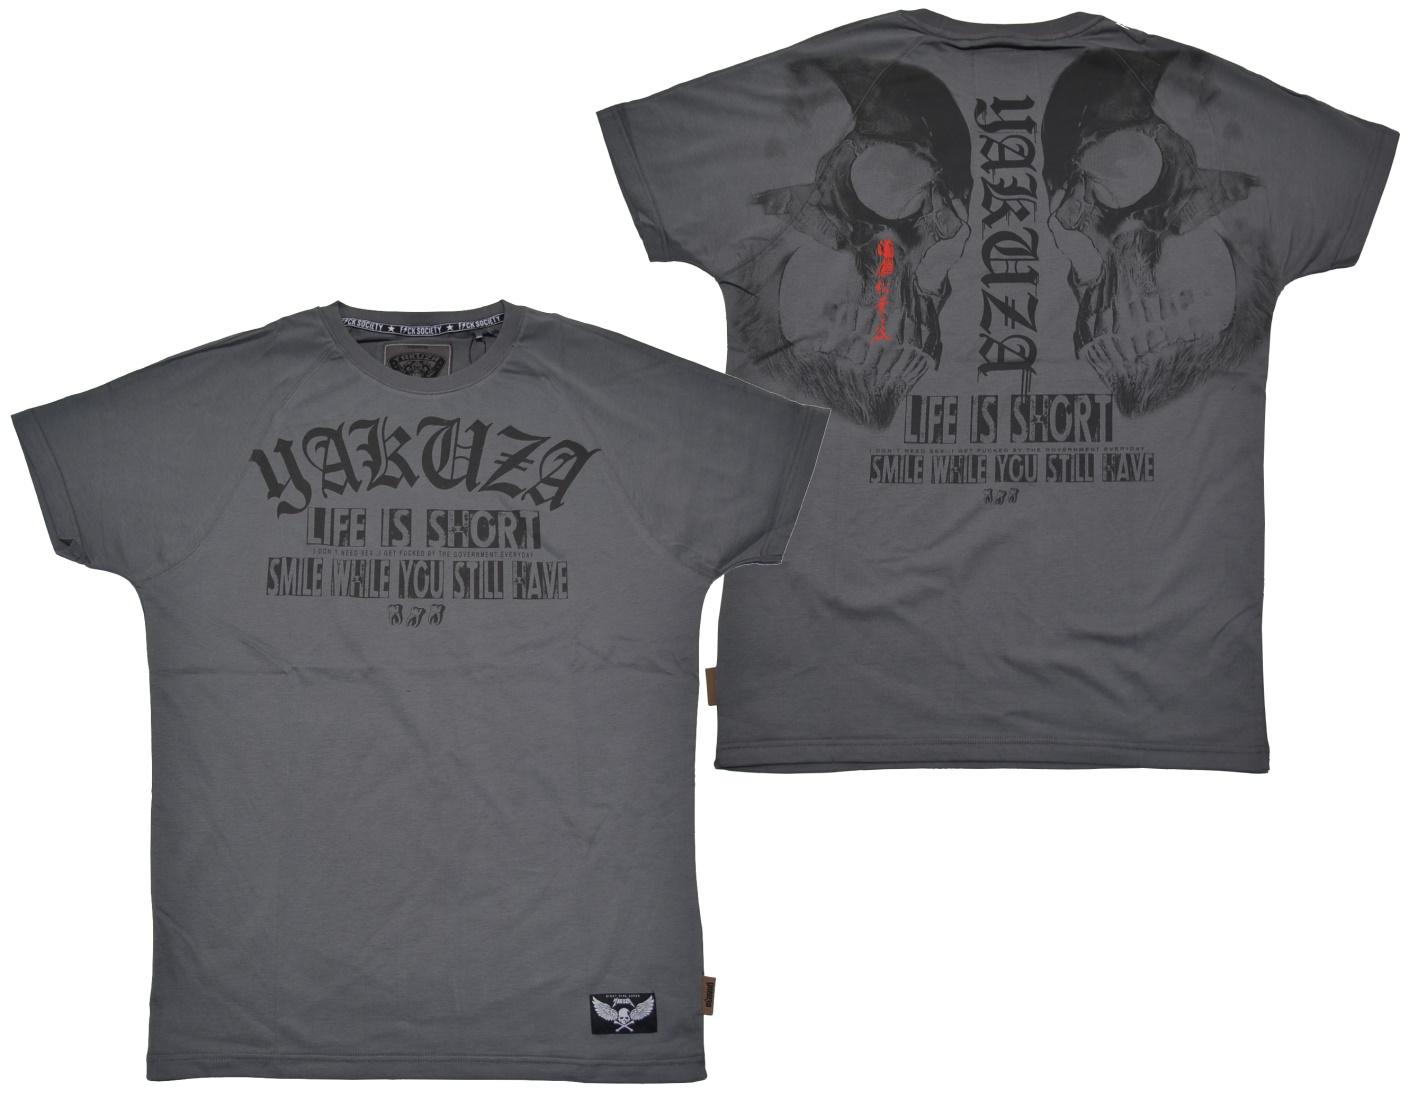 Yakuza Ink T-Shirt Life is Short in battleship grey